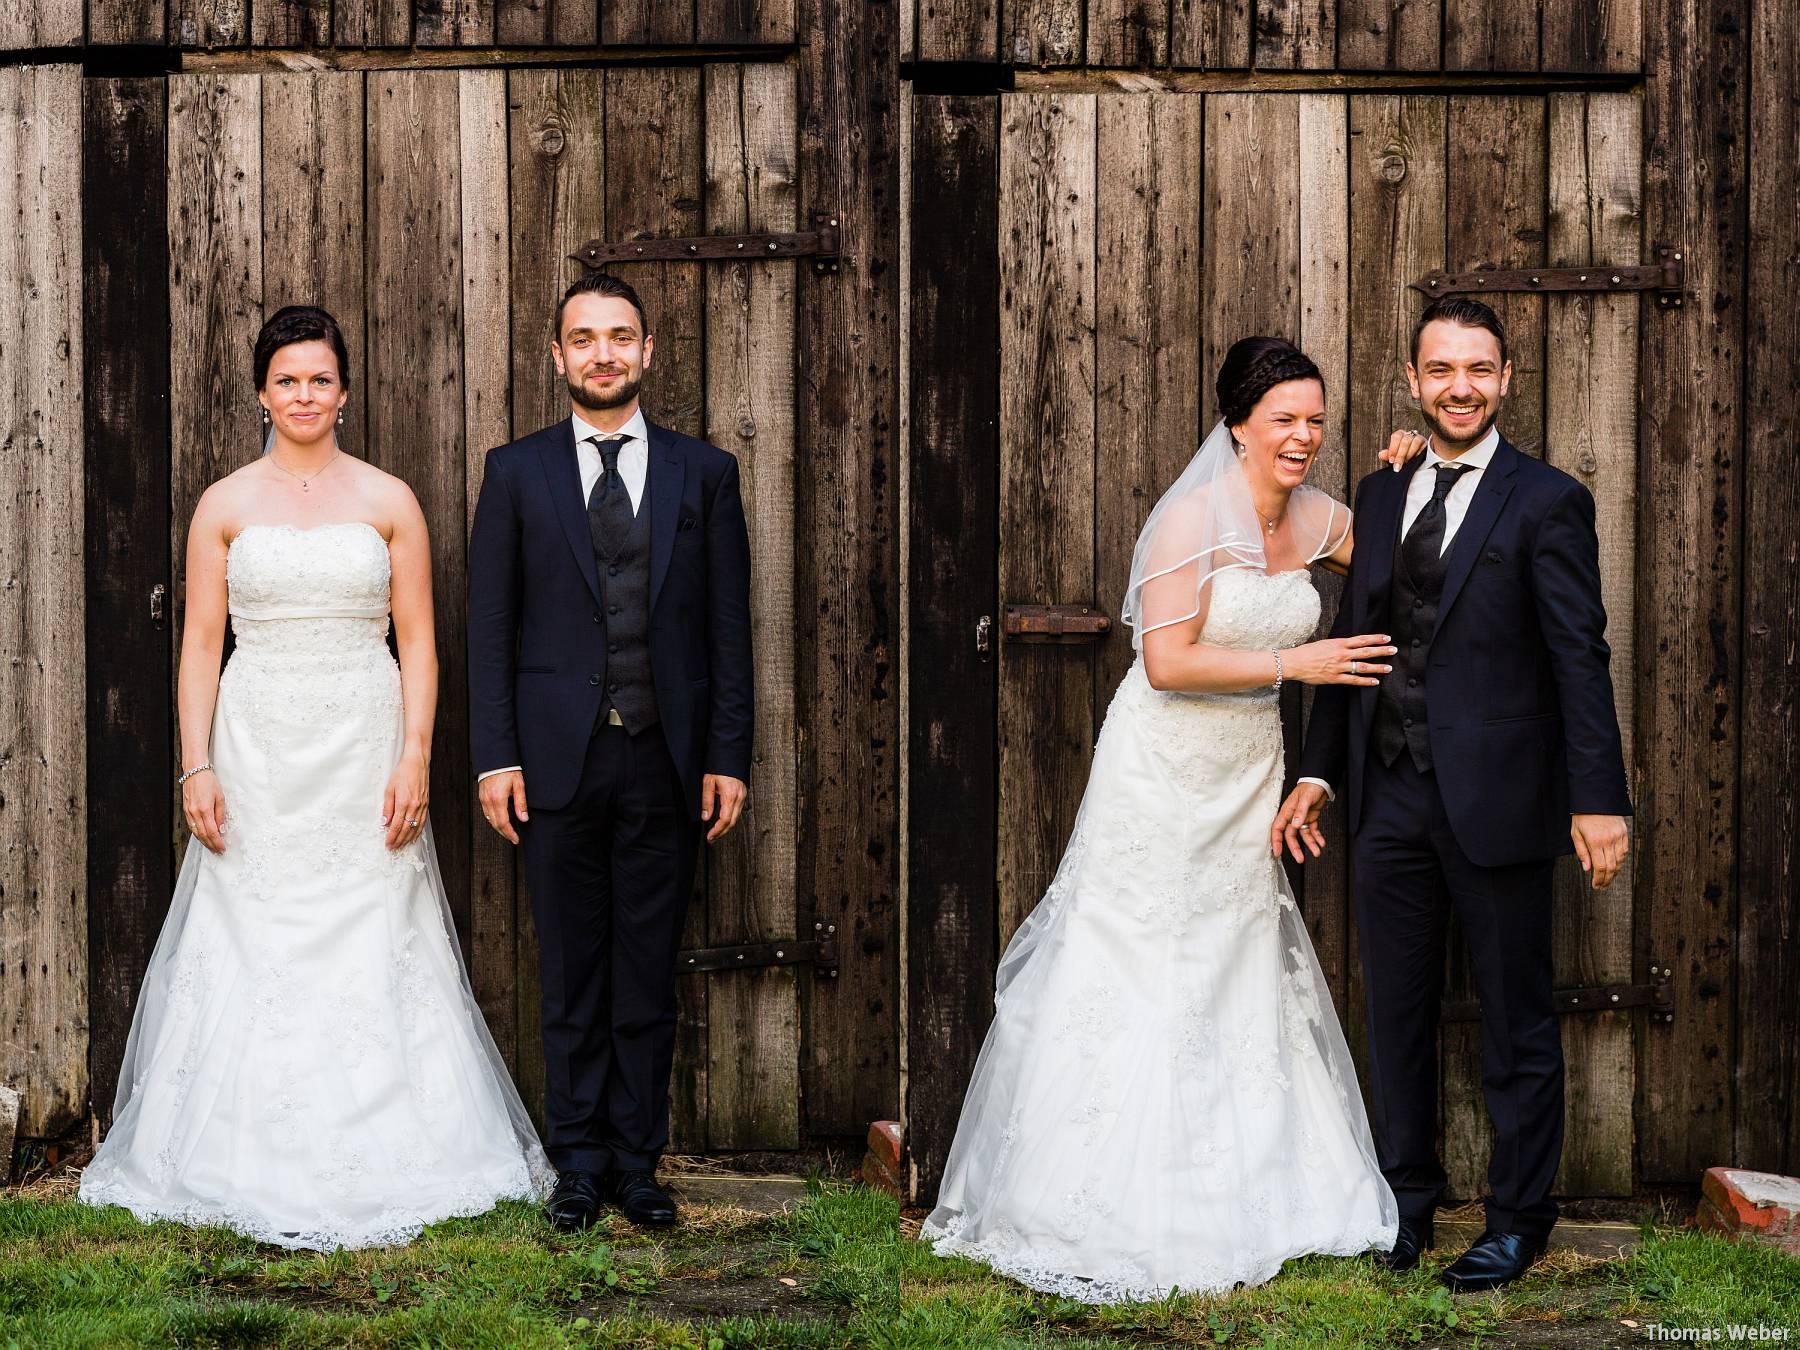 Hochzeitsfotograf Oldenburg: Kirchliche Trauung in der Garnisonkirche Oldenburg und Feier im Landhaus Etzhorn Oldenburg (45)